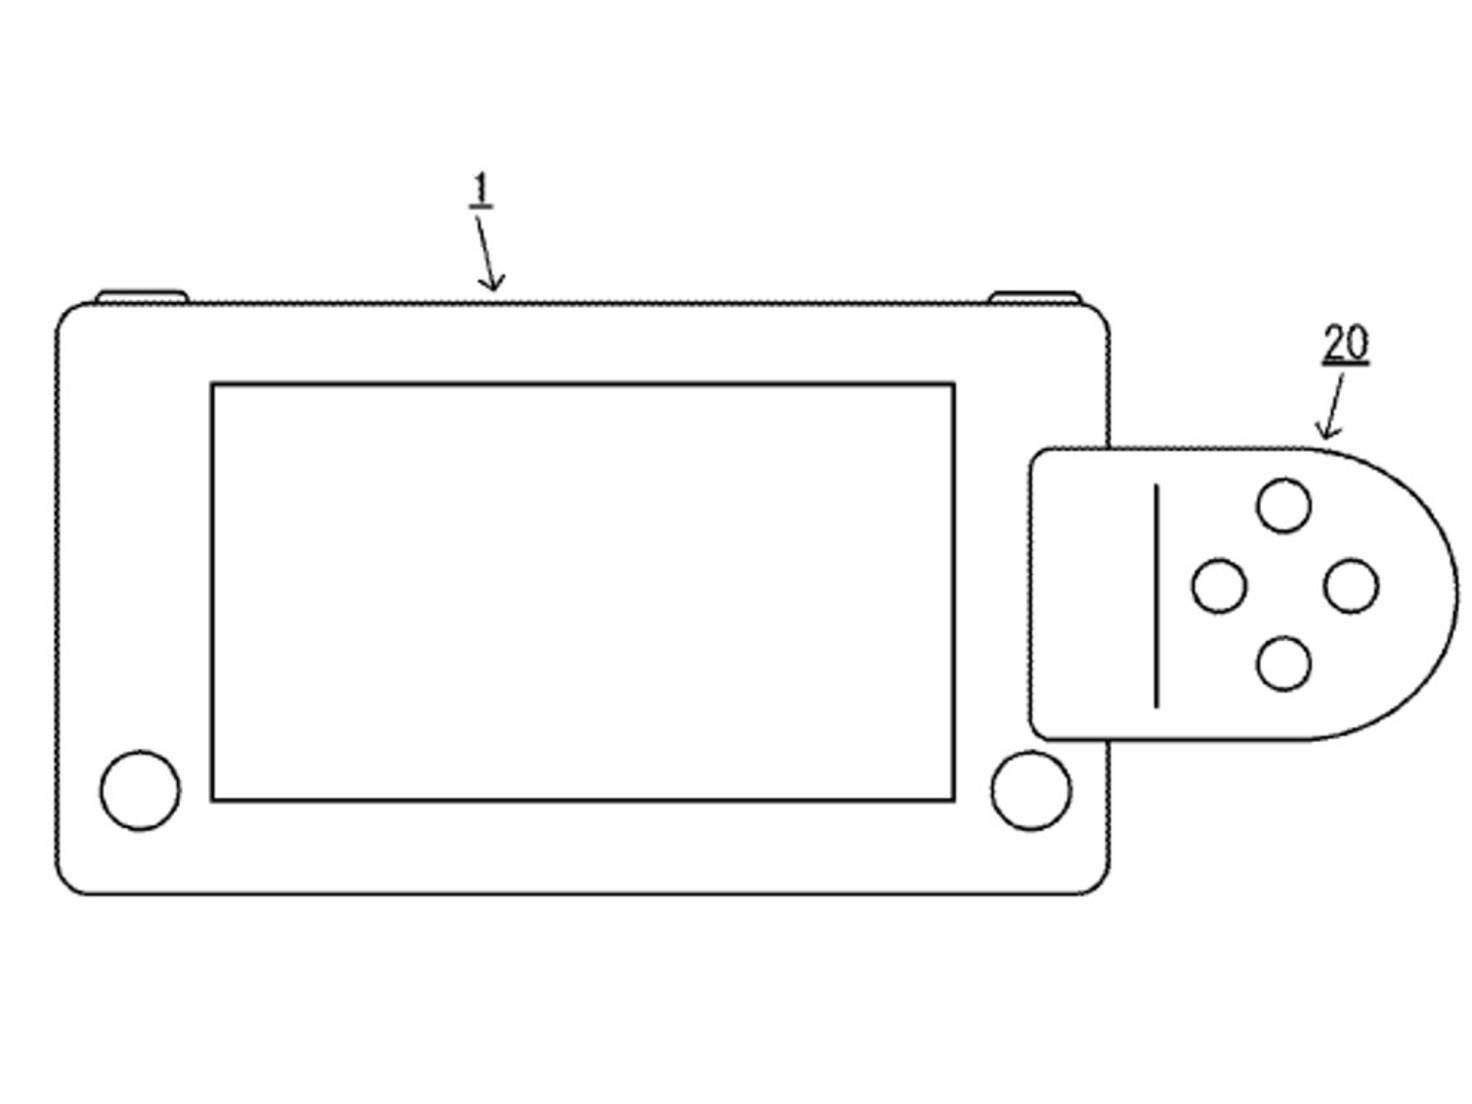 Das Patent zeigt eine grobe Skizze der Nintendo NX.